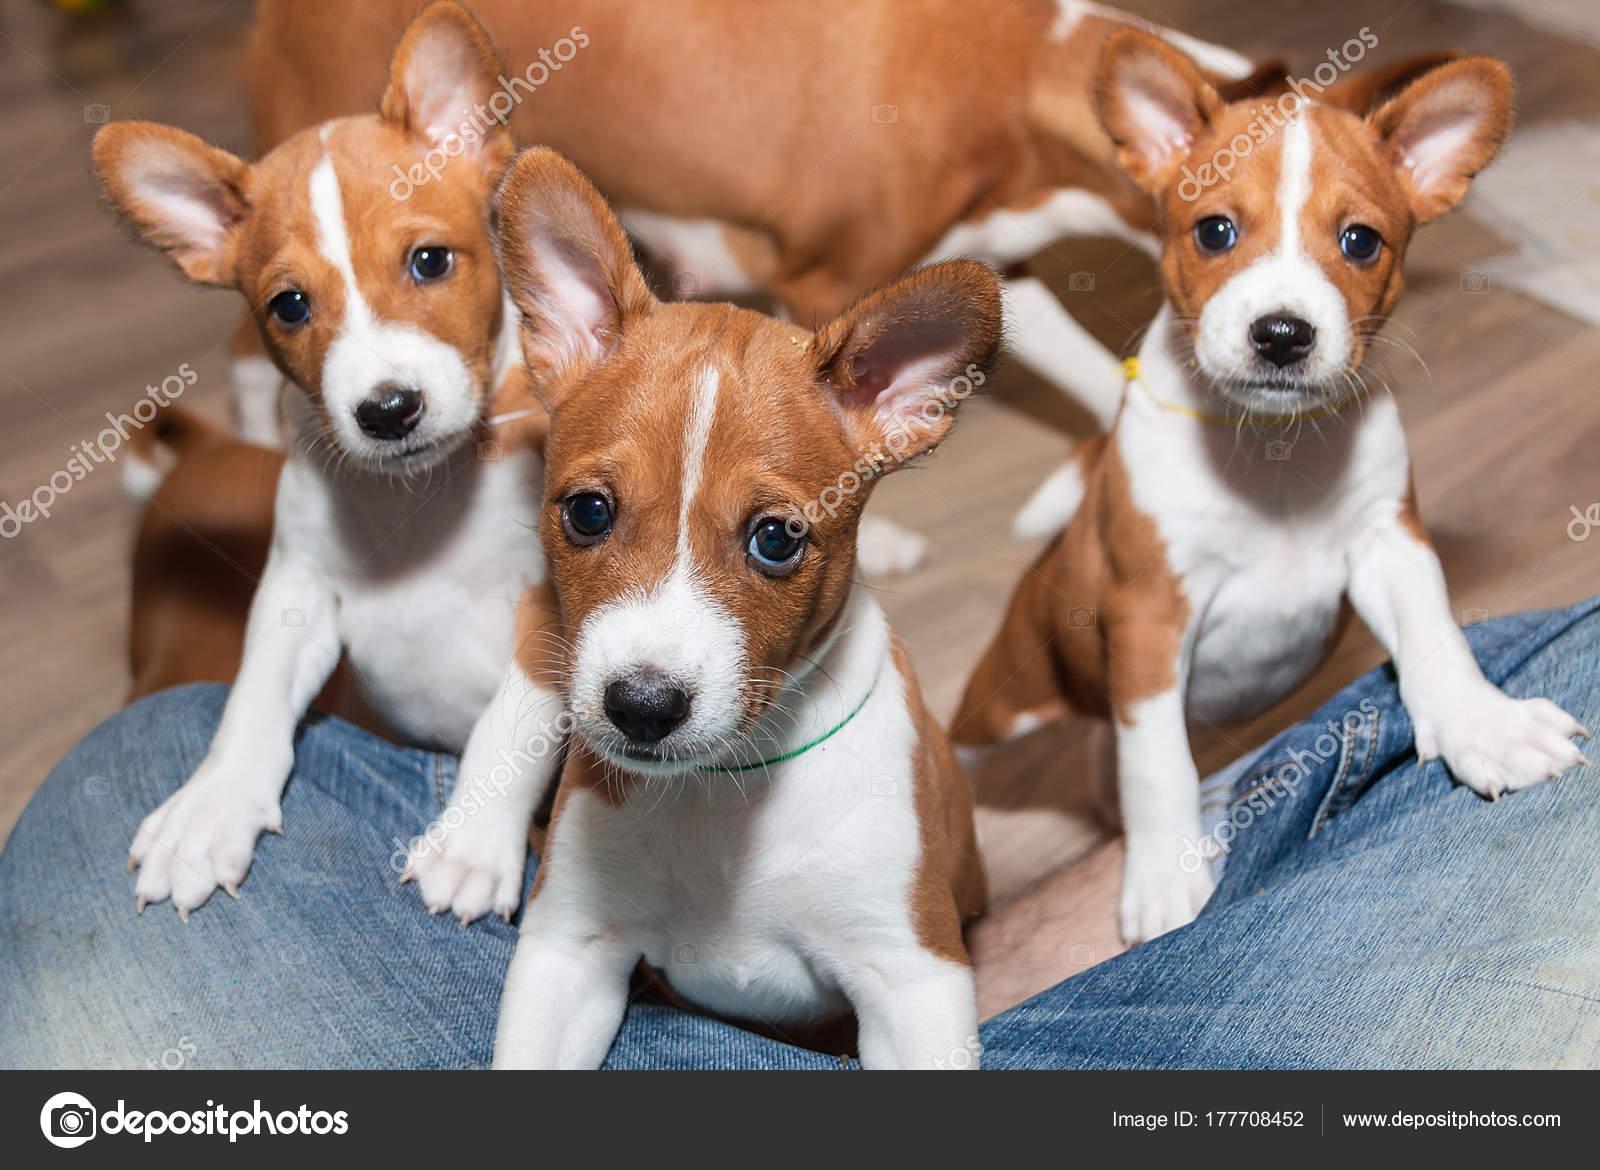 Beautiful Cute Puppy Dogs Not Barking Dog Breed Basenji Stockfoto